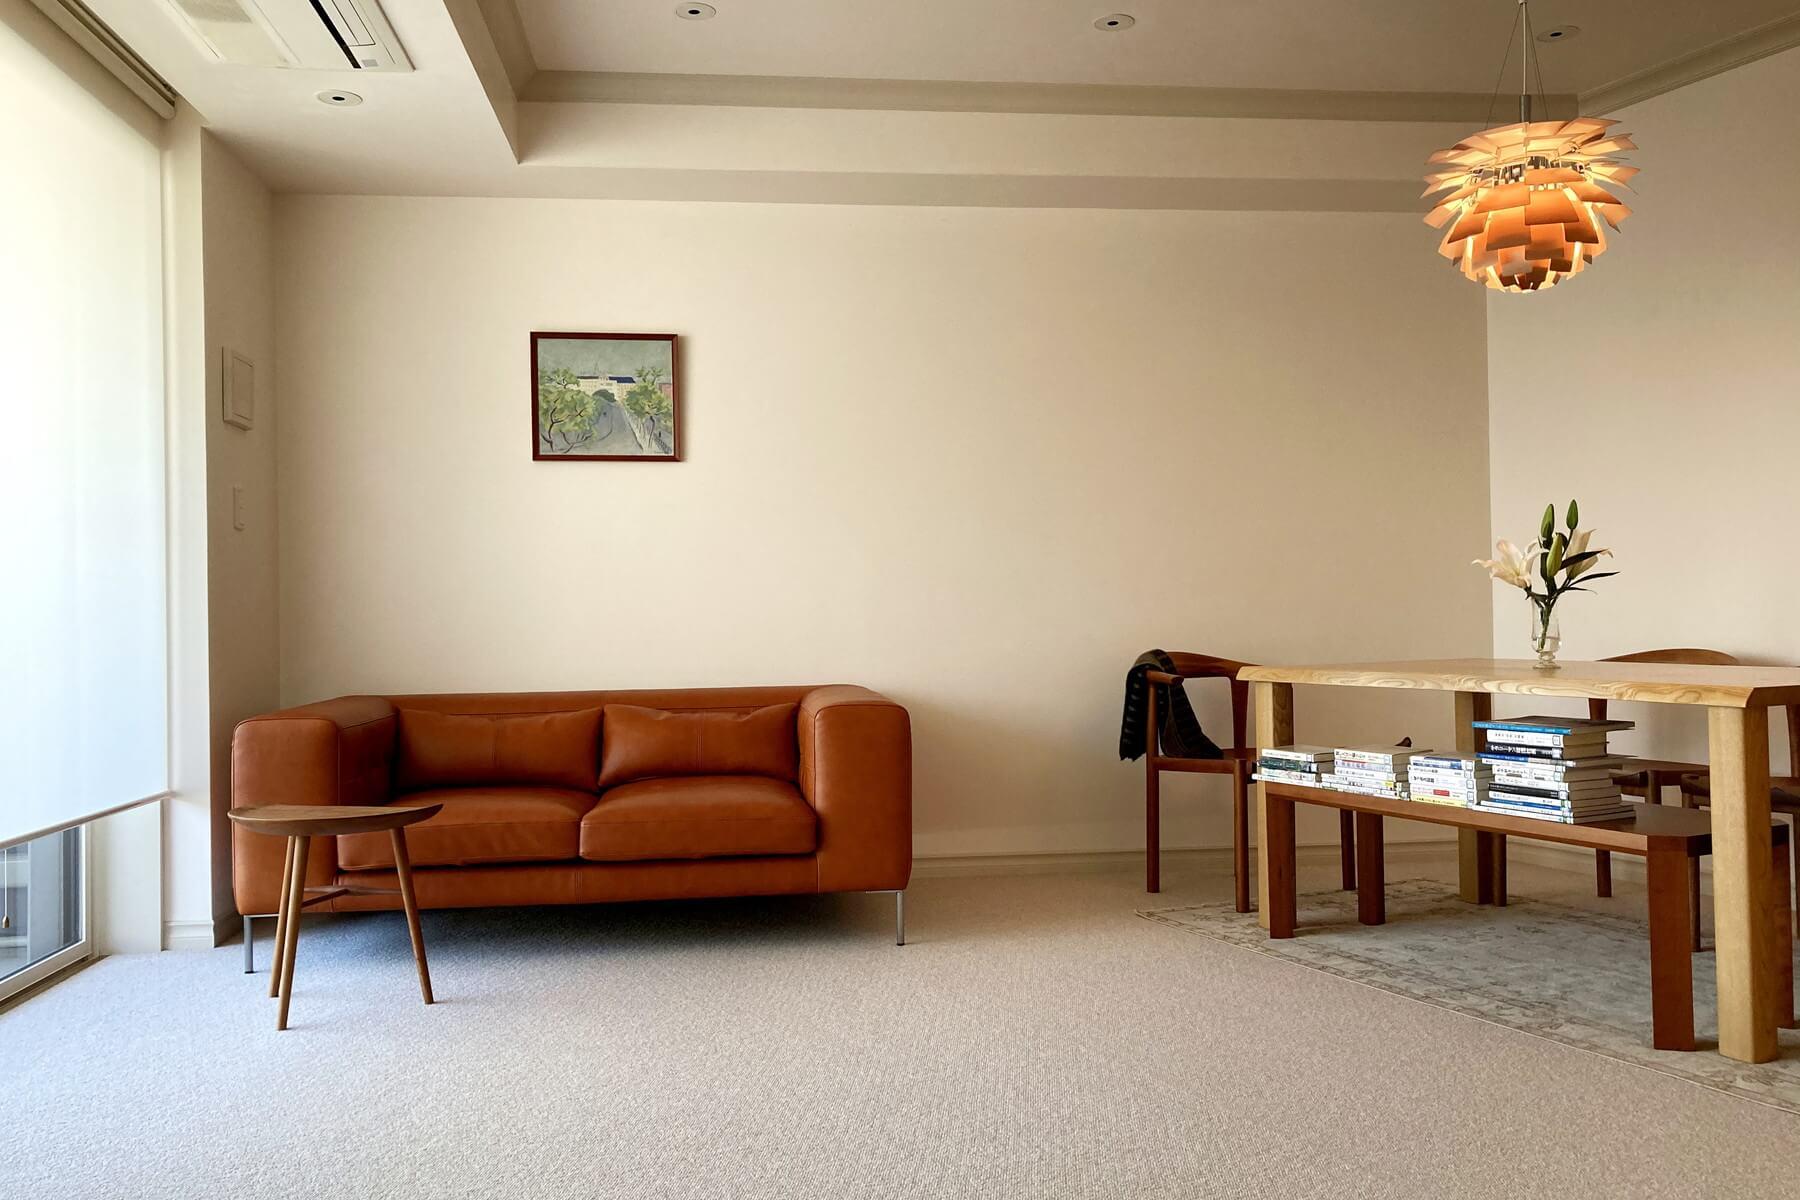 好きな家具に囲まれる。/KOKOROISHIソファのお客様の声